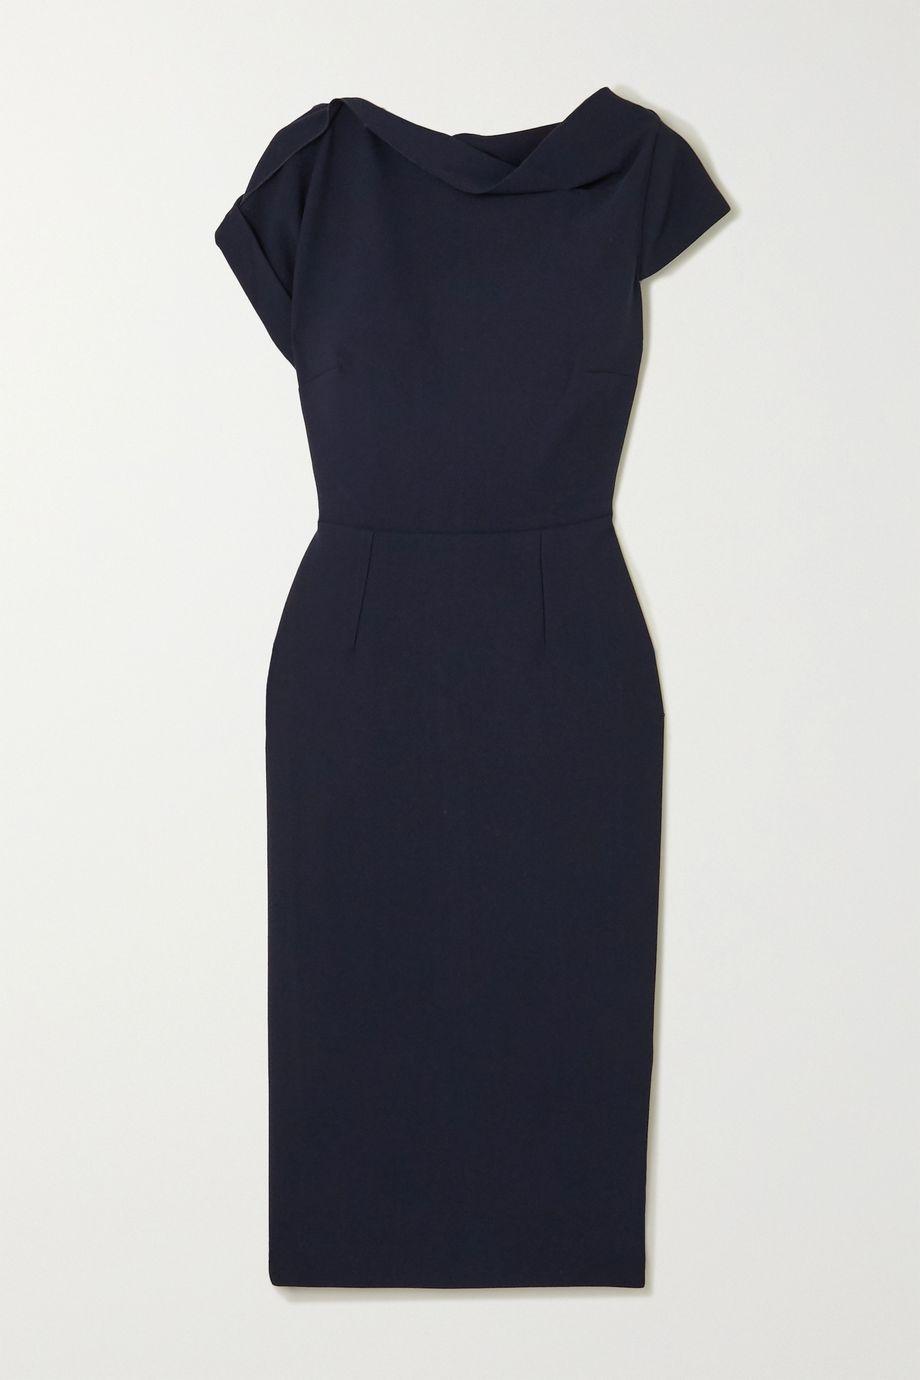 Roland Mouret Brenin crepe dress